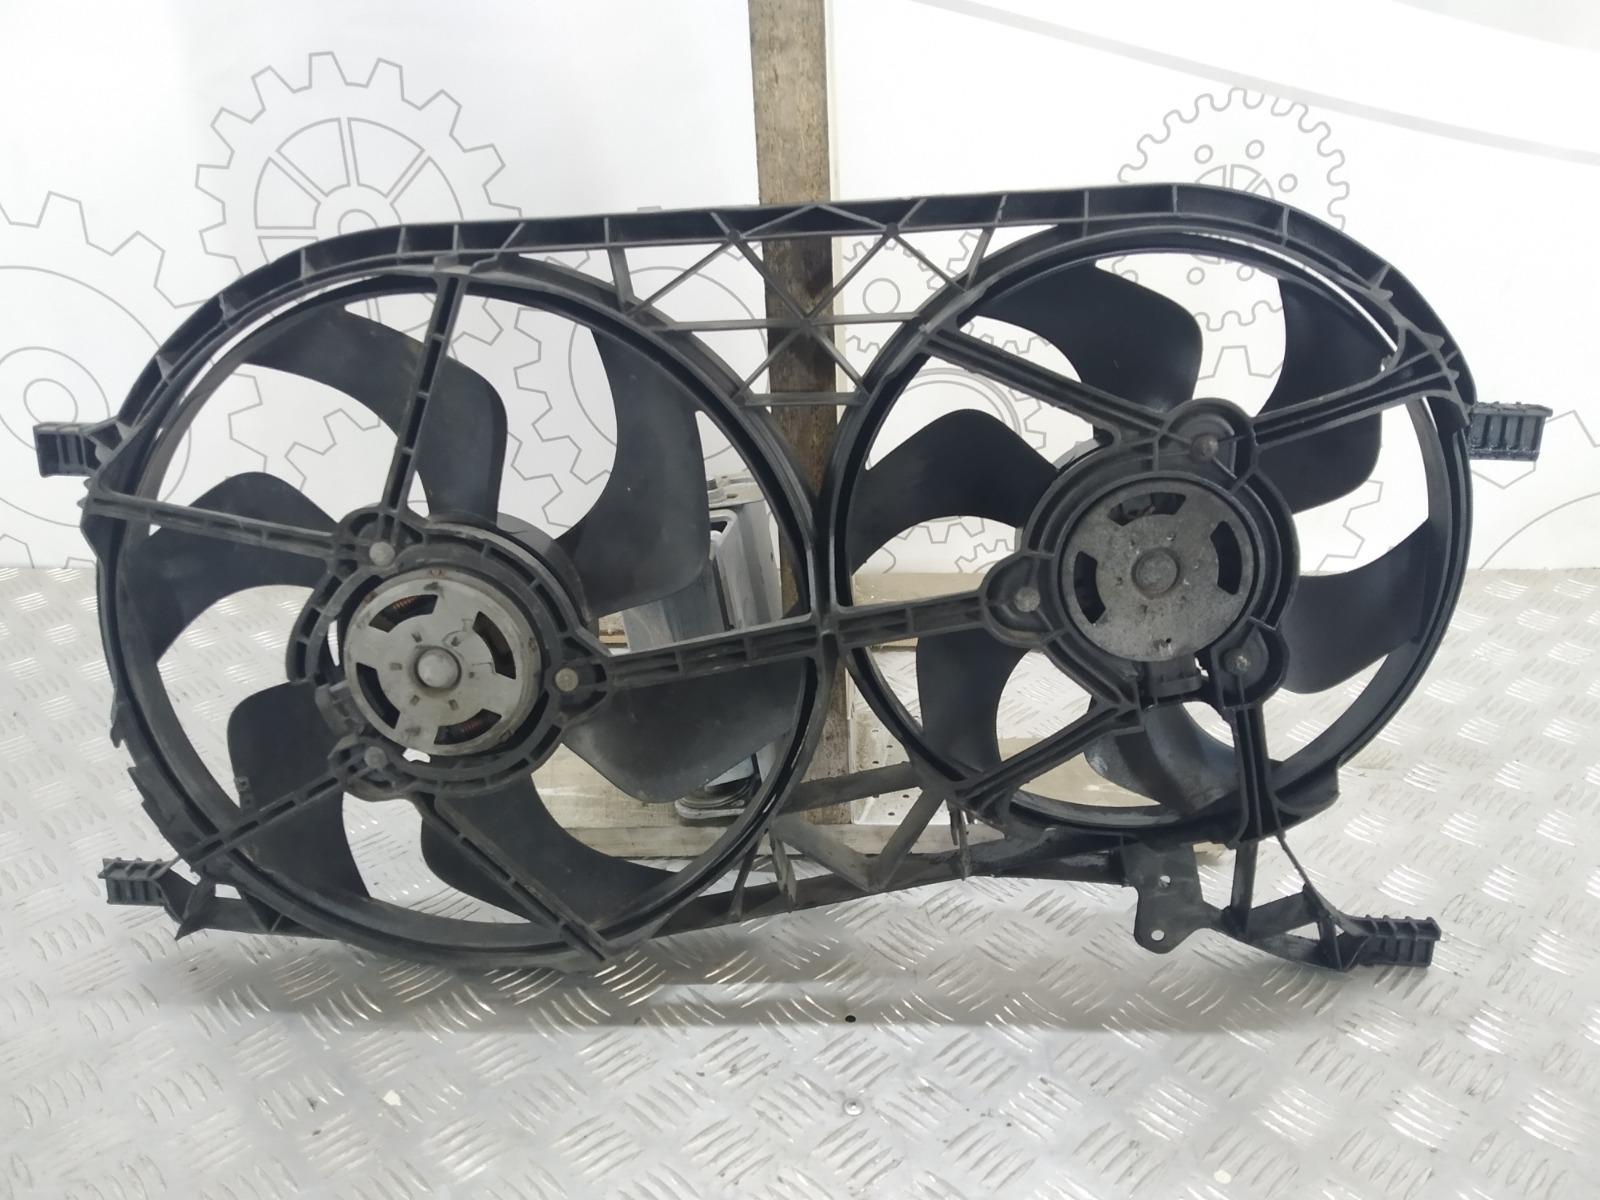 Вентилятор радиатора Renault Grand Espace 3.0 DCI 2005 (б/у)